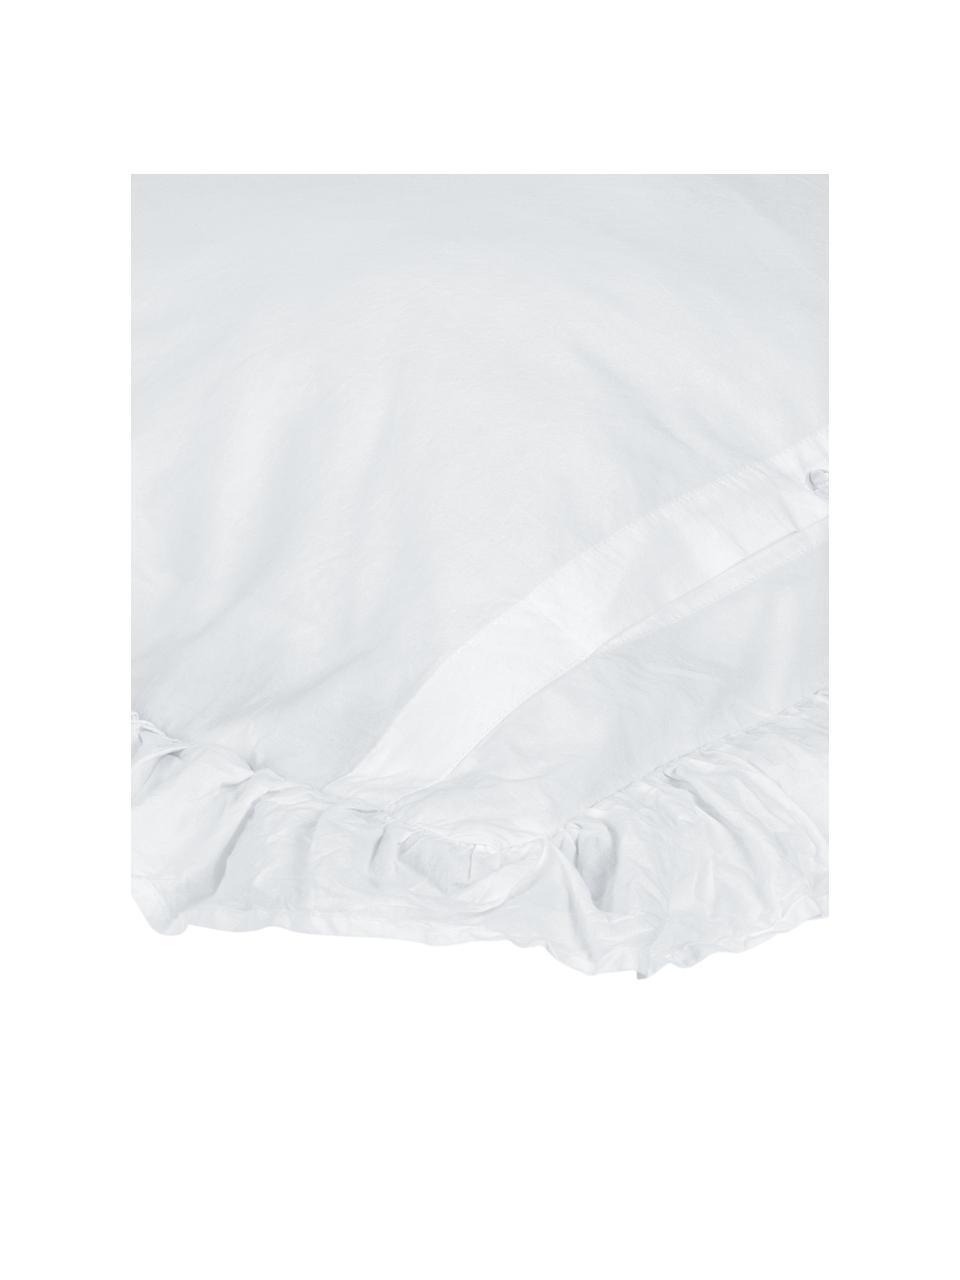 Gewaschene Baumwoll-Kissenbezüge Florence mit Rüschen, 2 Stück, Webart: Perkal Fadendichte 180 TC, Weiß, 40 x 80 cm